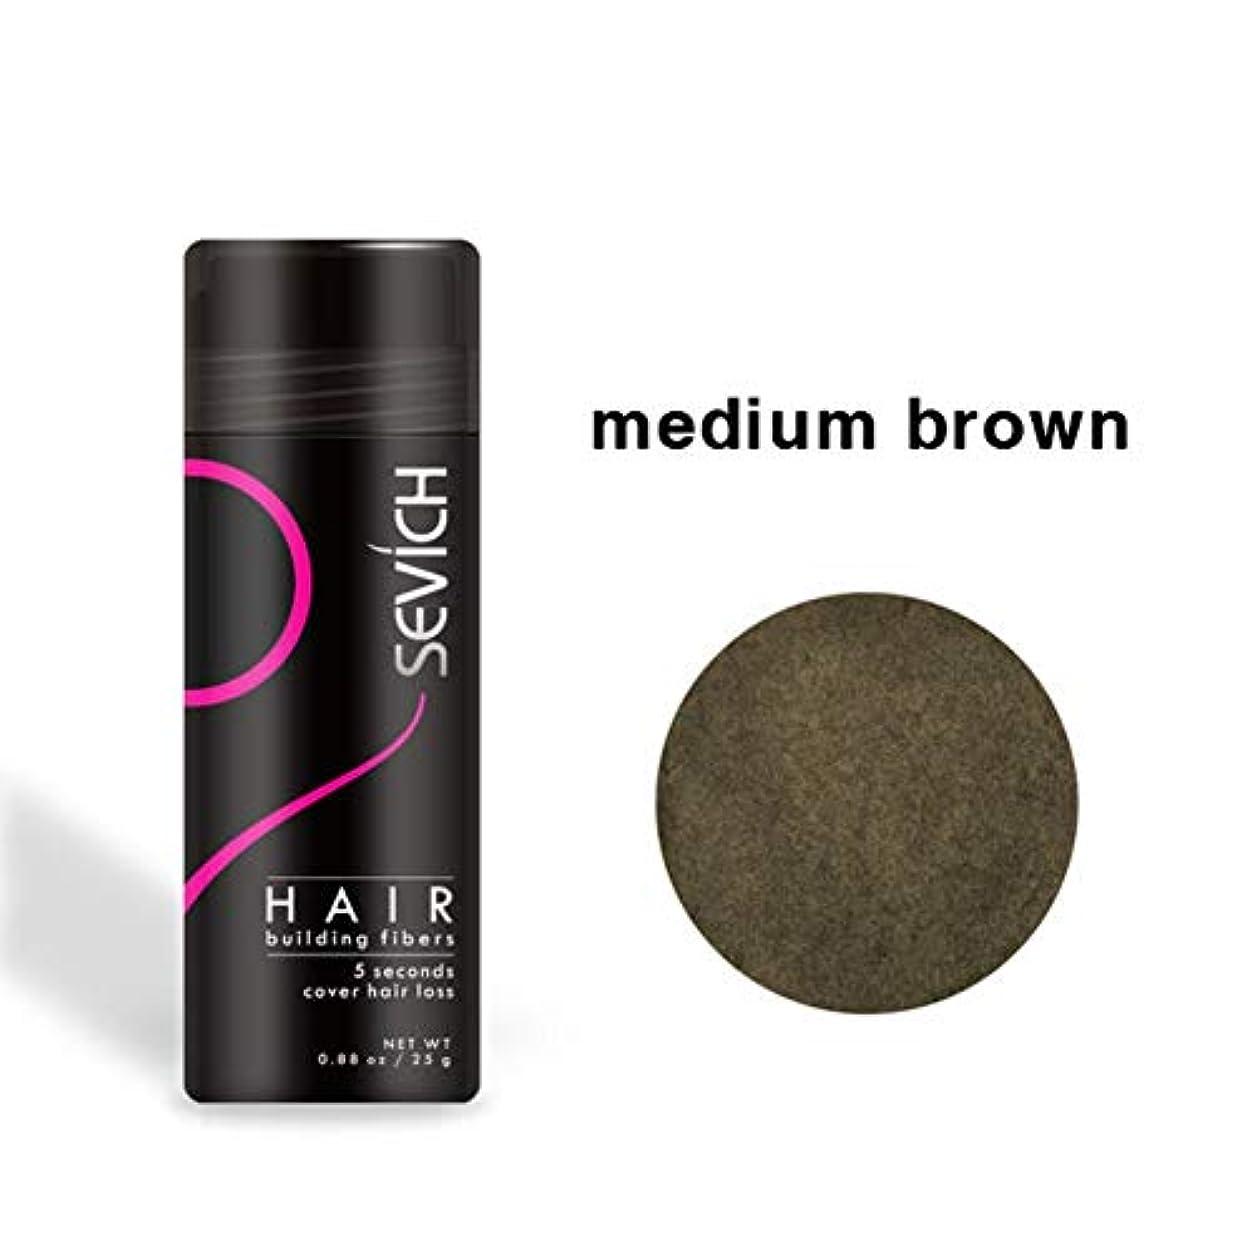 特異なきしむヘアCutelove ヘアビルディングファイバー 薄毛隠し ダークブラウンヘアビルディングファイバー   ライトブラウンヘアービルディングファイバー ミディアムブラウンヘアービルディングファイバー ブロンドの髪を作る繊維 アプリケーター...